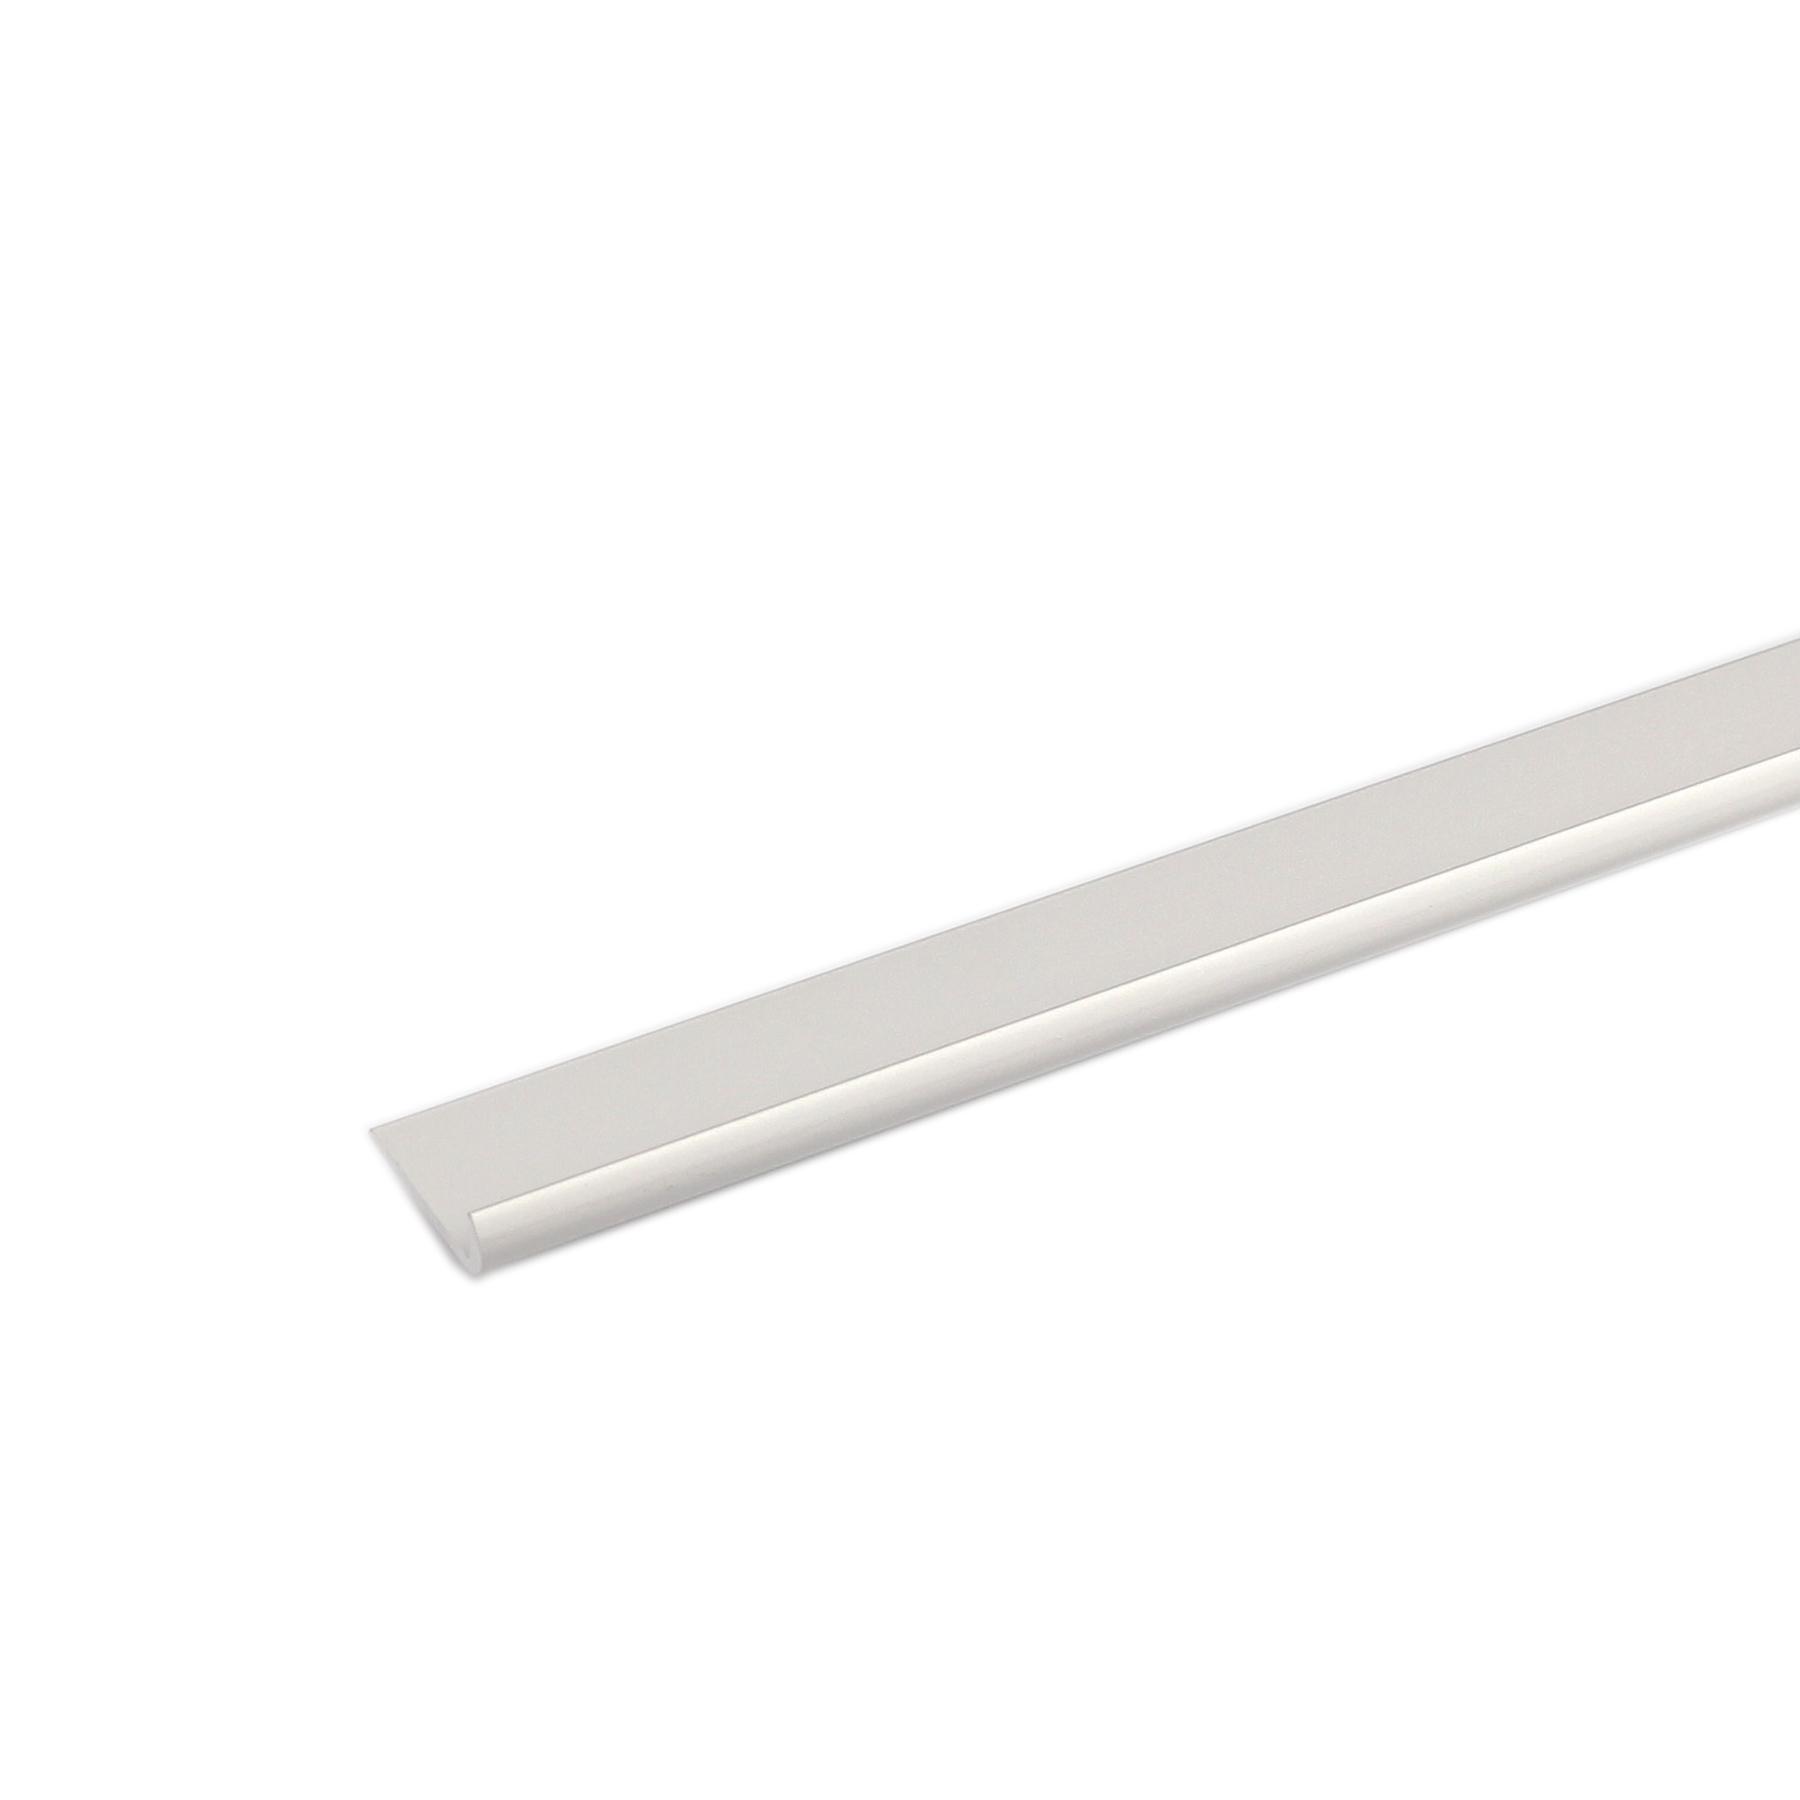 Perfil J Alumínio Anodizado 1mx2,5cm